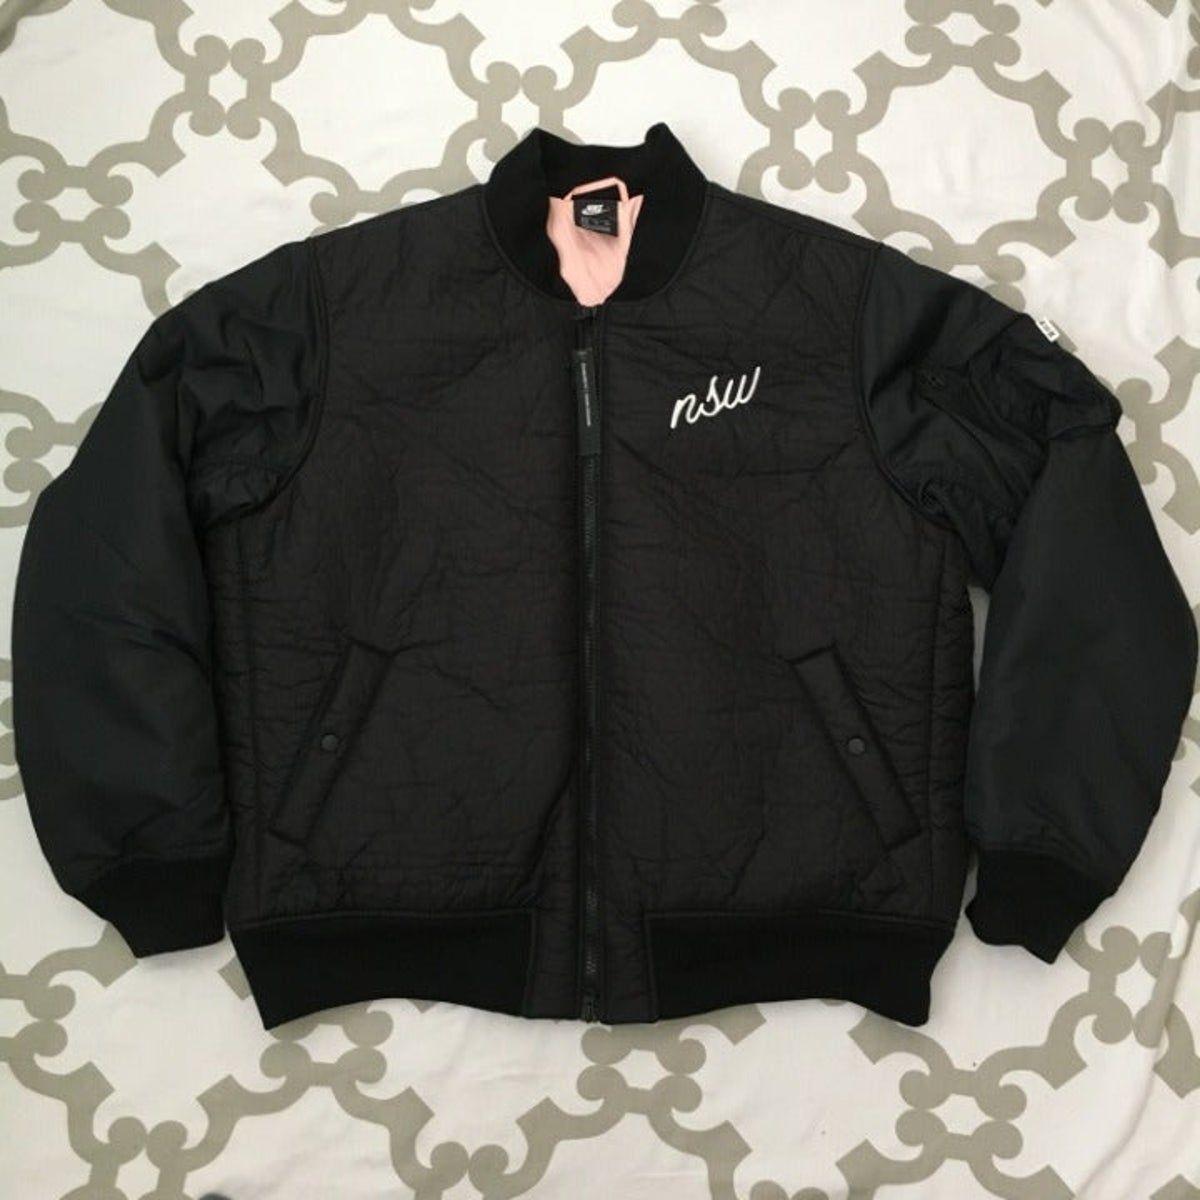 Pin By Aly Oliveira On Ideias Fashion Black Bomber Jacket Pink Jacket Bomber Jacket [ 1200 x 1200 Pixel ]